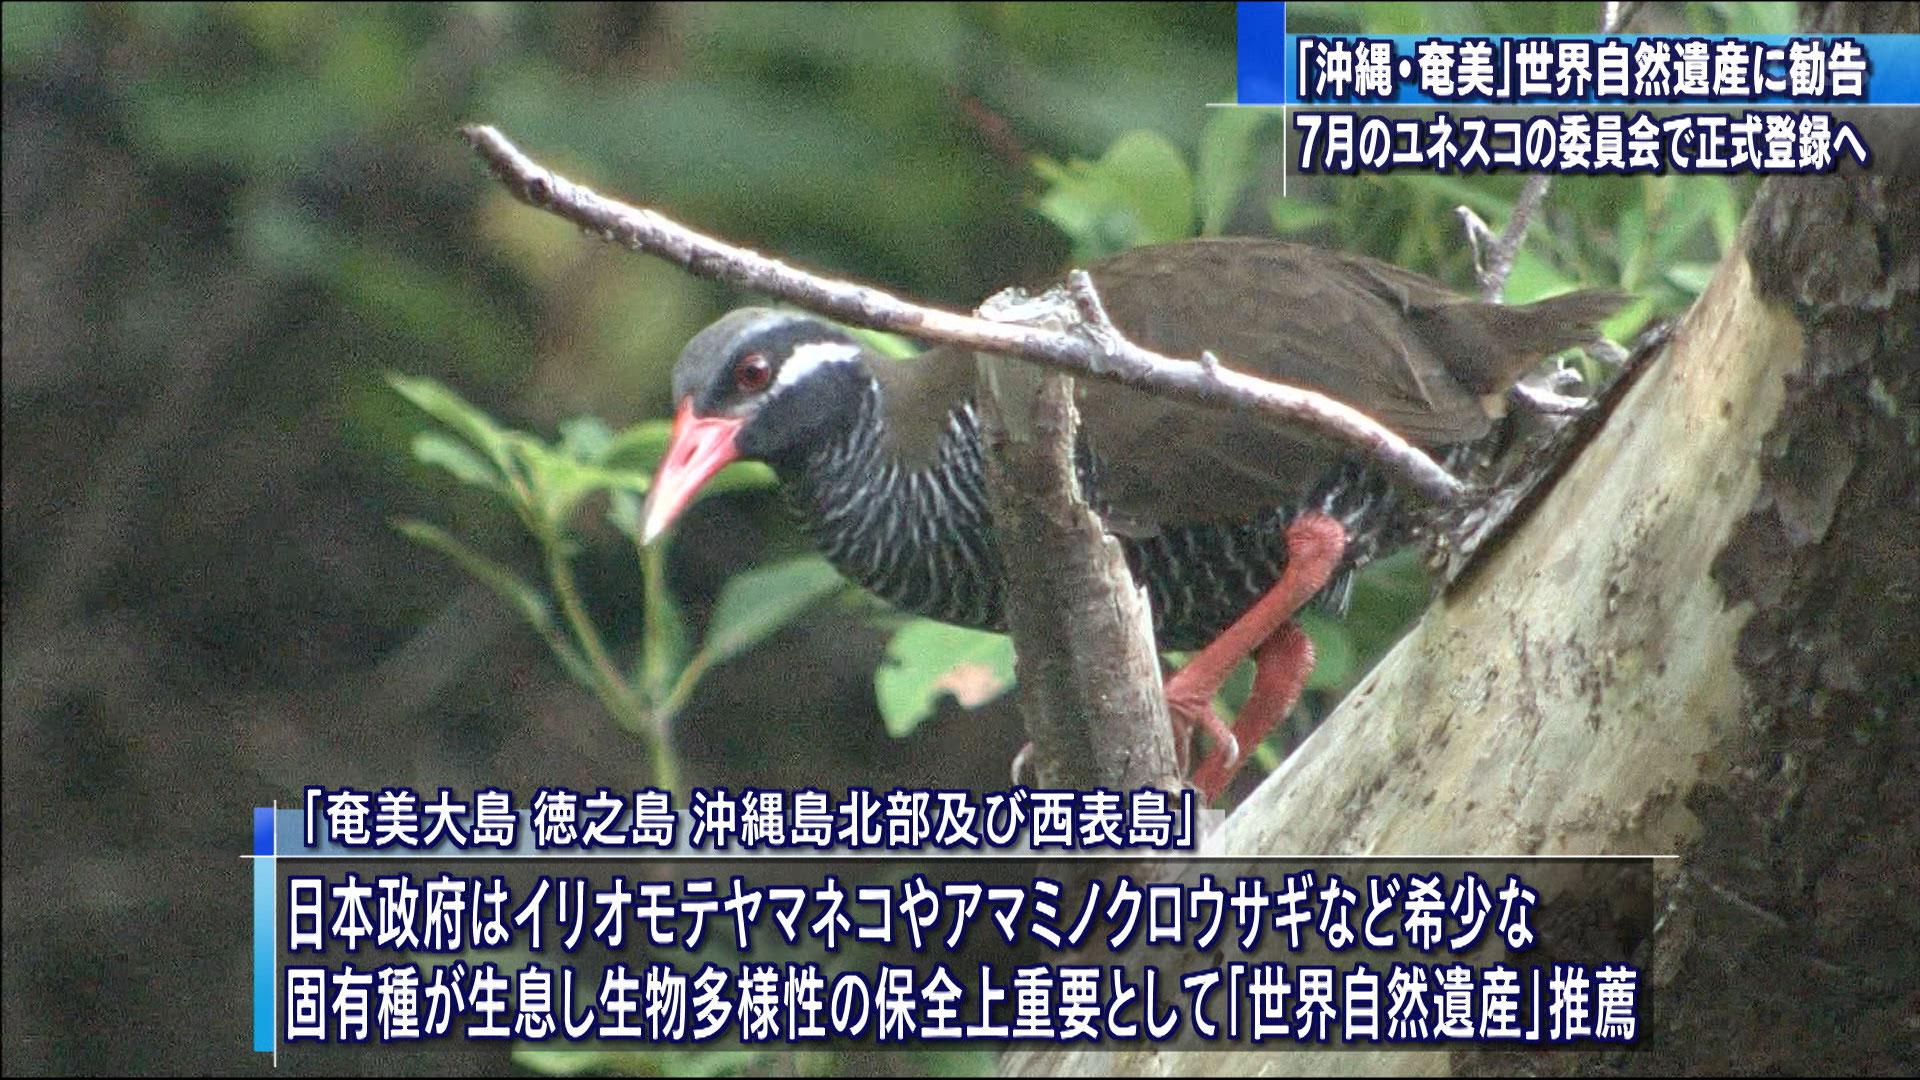 「沖縄・奄美」世界自然遺産に登録へ